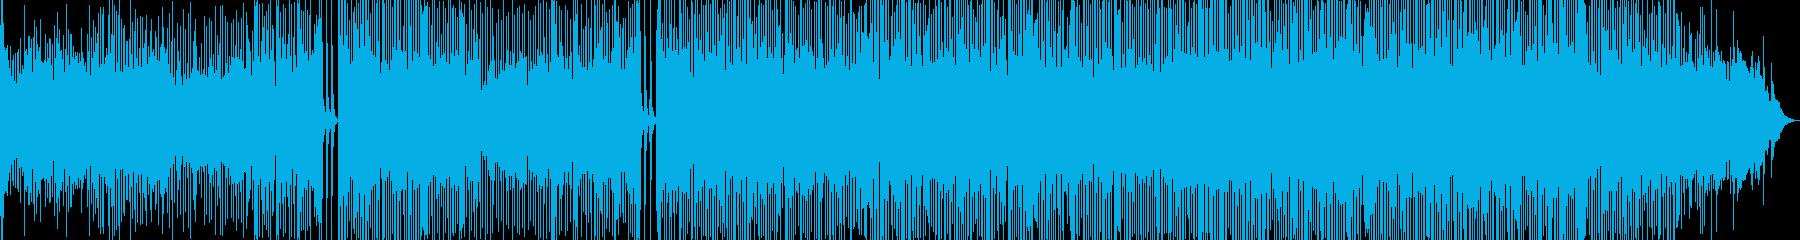 部族のラテンドラムを使用したディー...の再生済みの波形